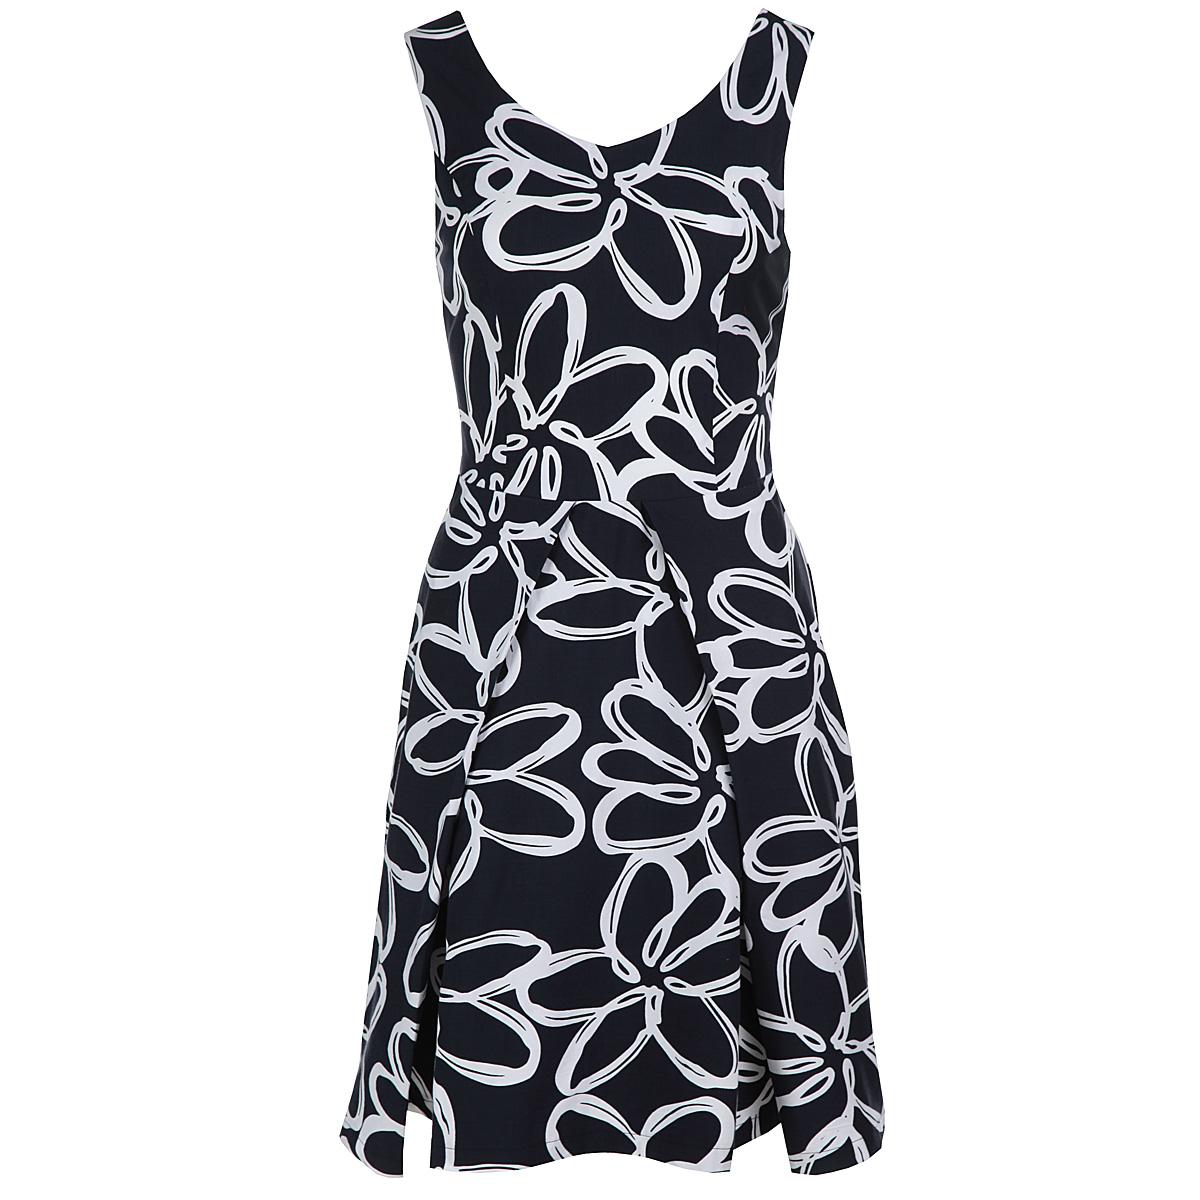 Платье6321466Модное летнее платье Yarmina, изготовленное из высококачественного материала, подарит вам ощущение праздника и комфорта. Модель приталенного силуэта, с V-образным вырезом горловины и на широких бретелях. Изделие застегивается на потайную застежку-молнию, расположенную в боковом шве. Модель имеет расклешенную юбку, оформленную объемными складками. В этом платье вы всегда будете чувствовать себя уверенно, оставаясь в центре внимания.